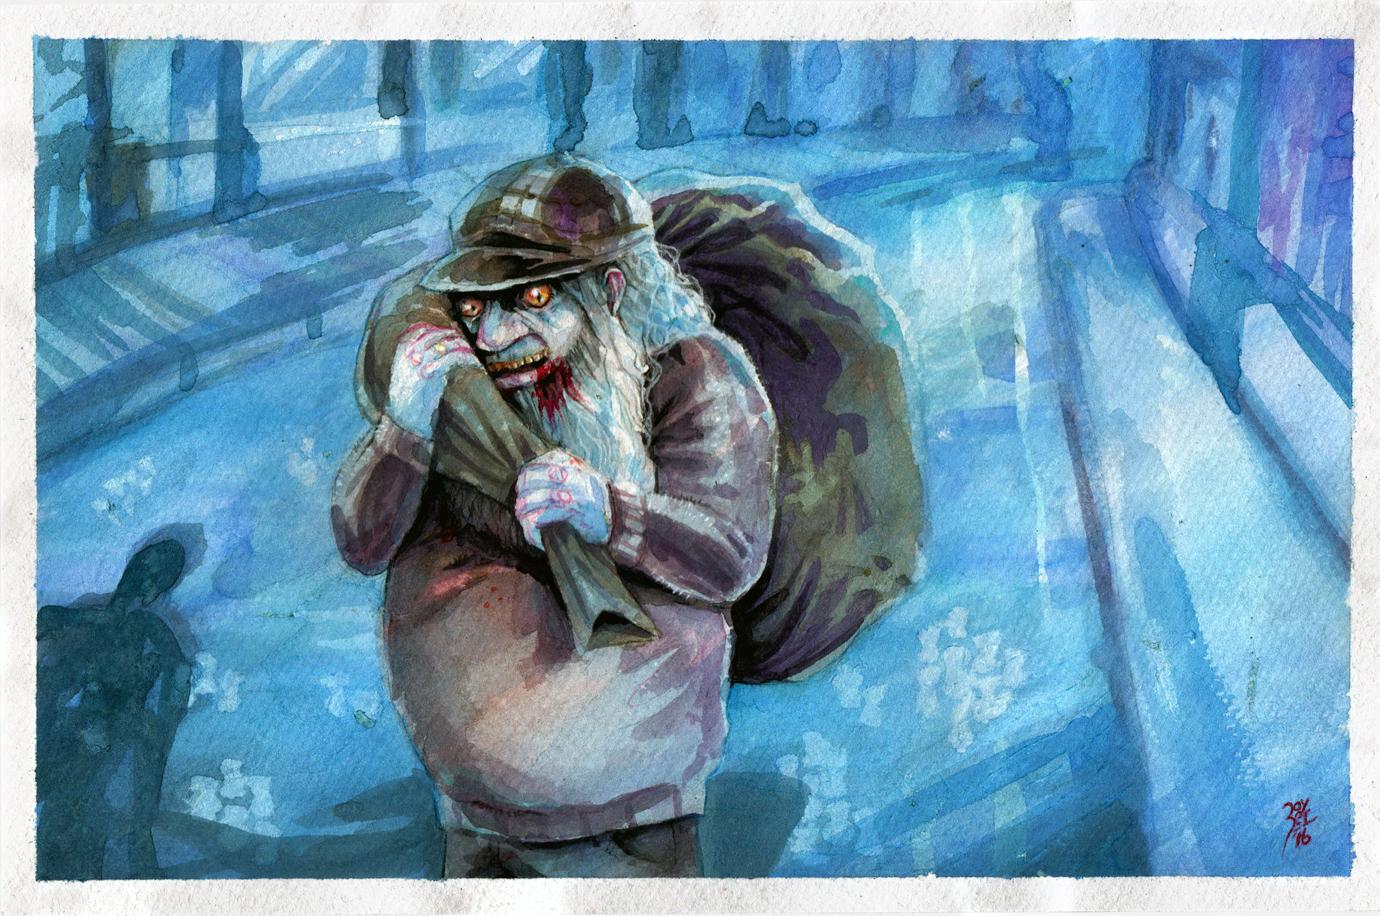 El viejo de la bolsa (SACOMAN) by FAB-dark